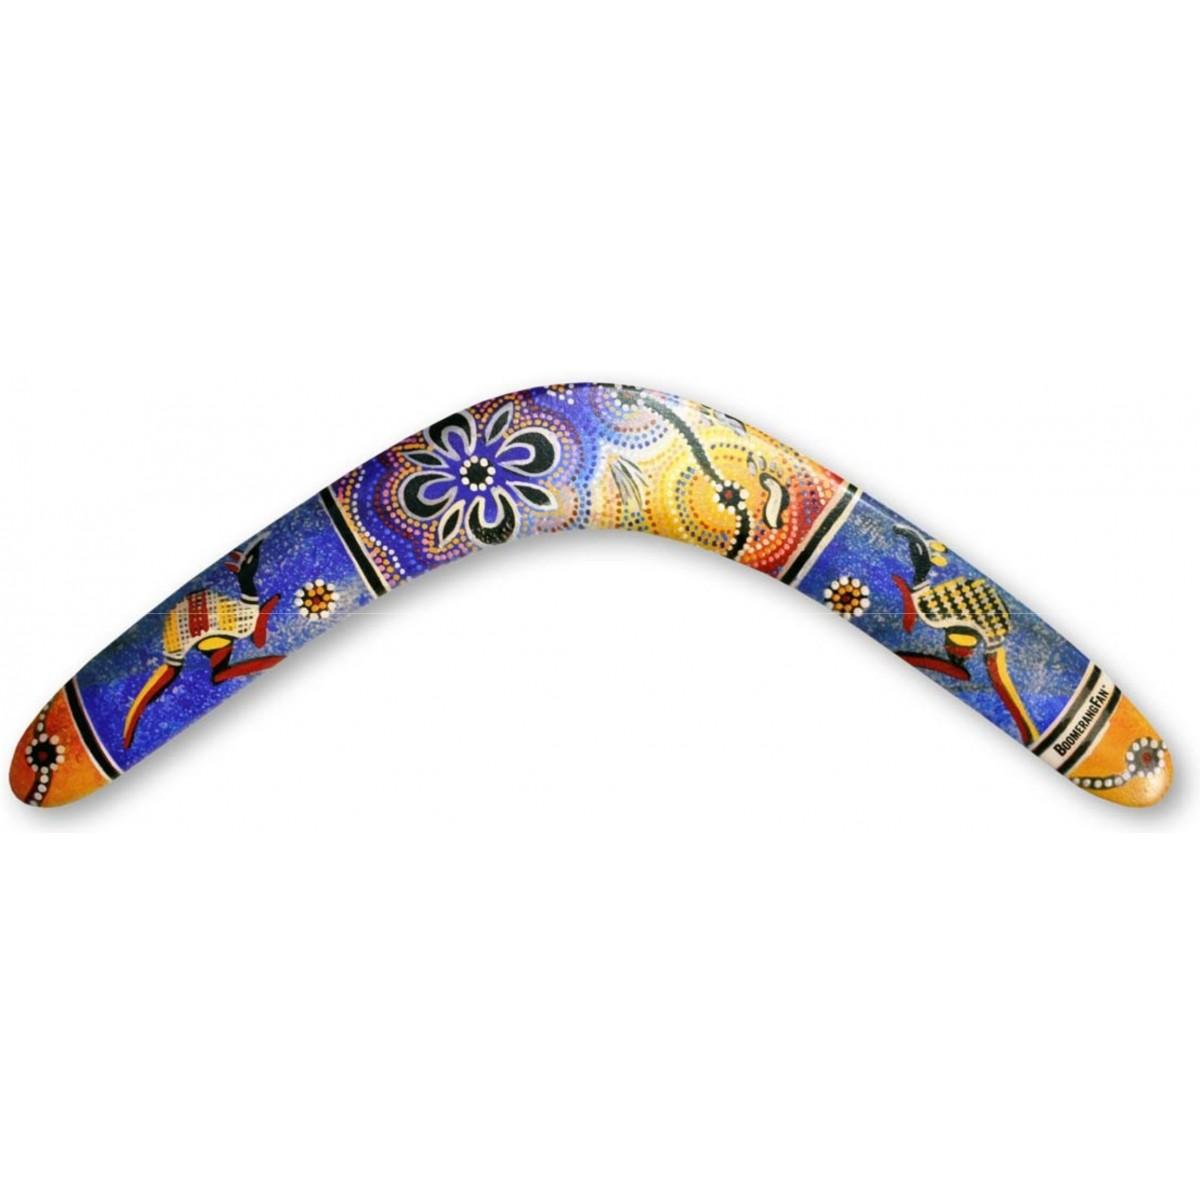 Boomerang dating